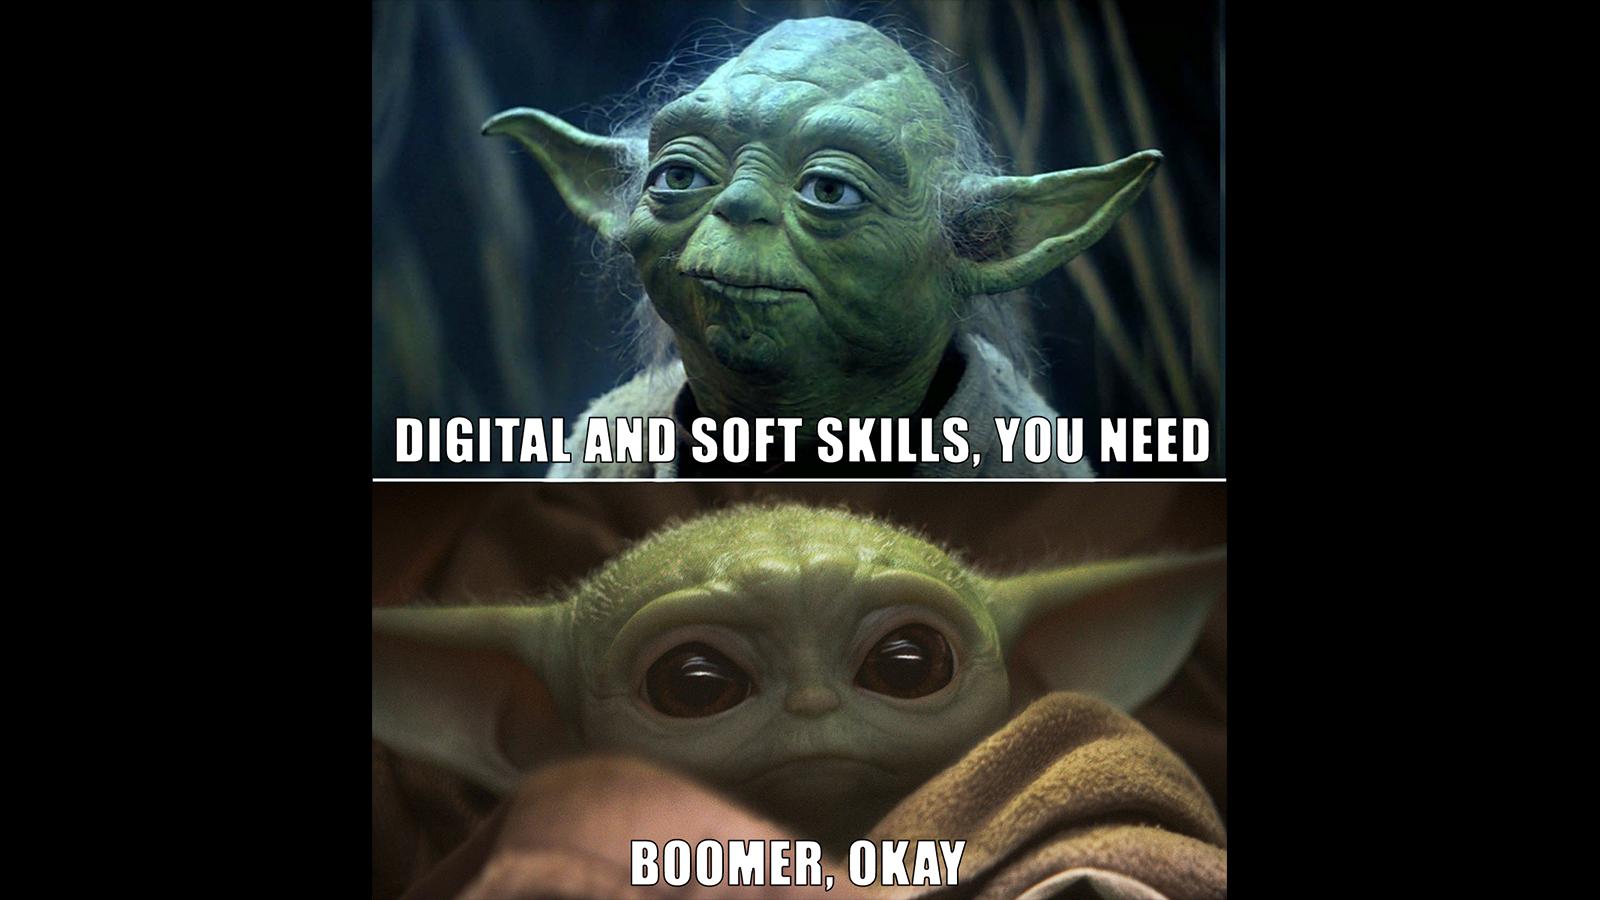 Skills demand in a digital economy